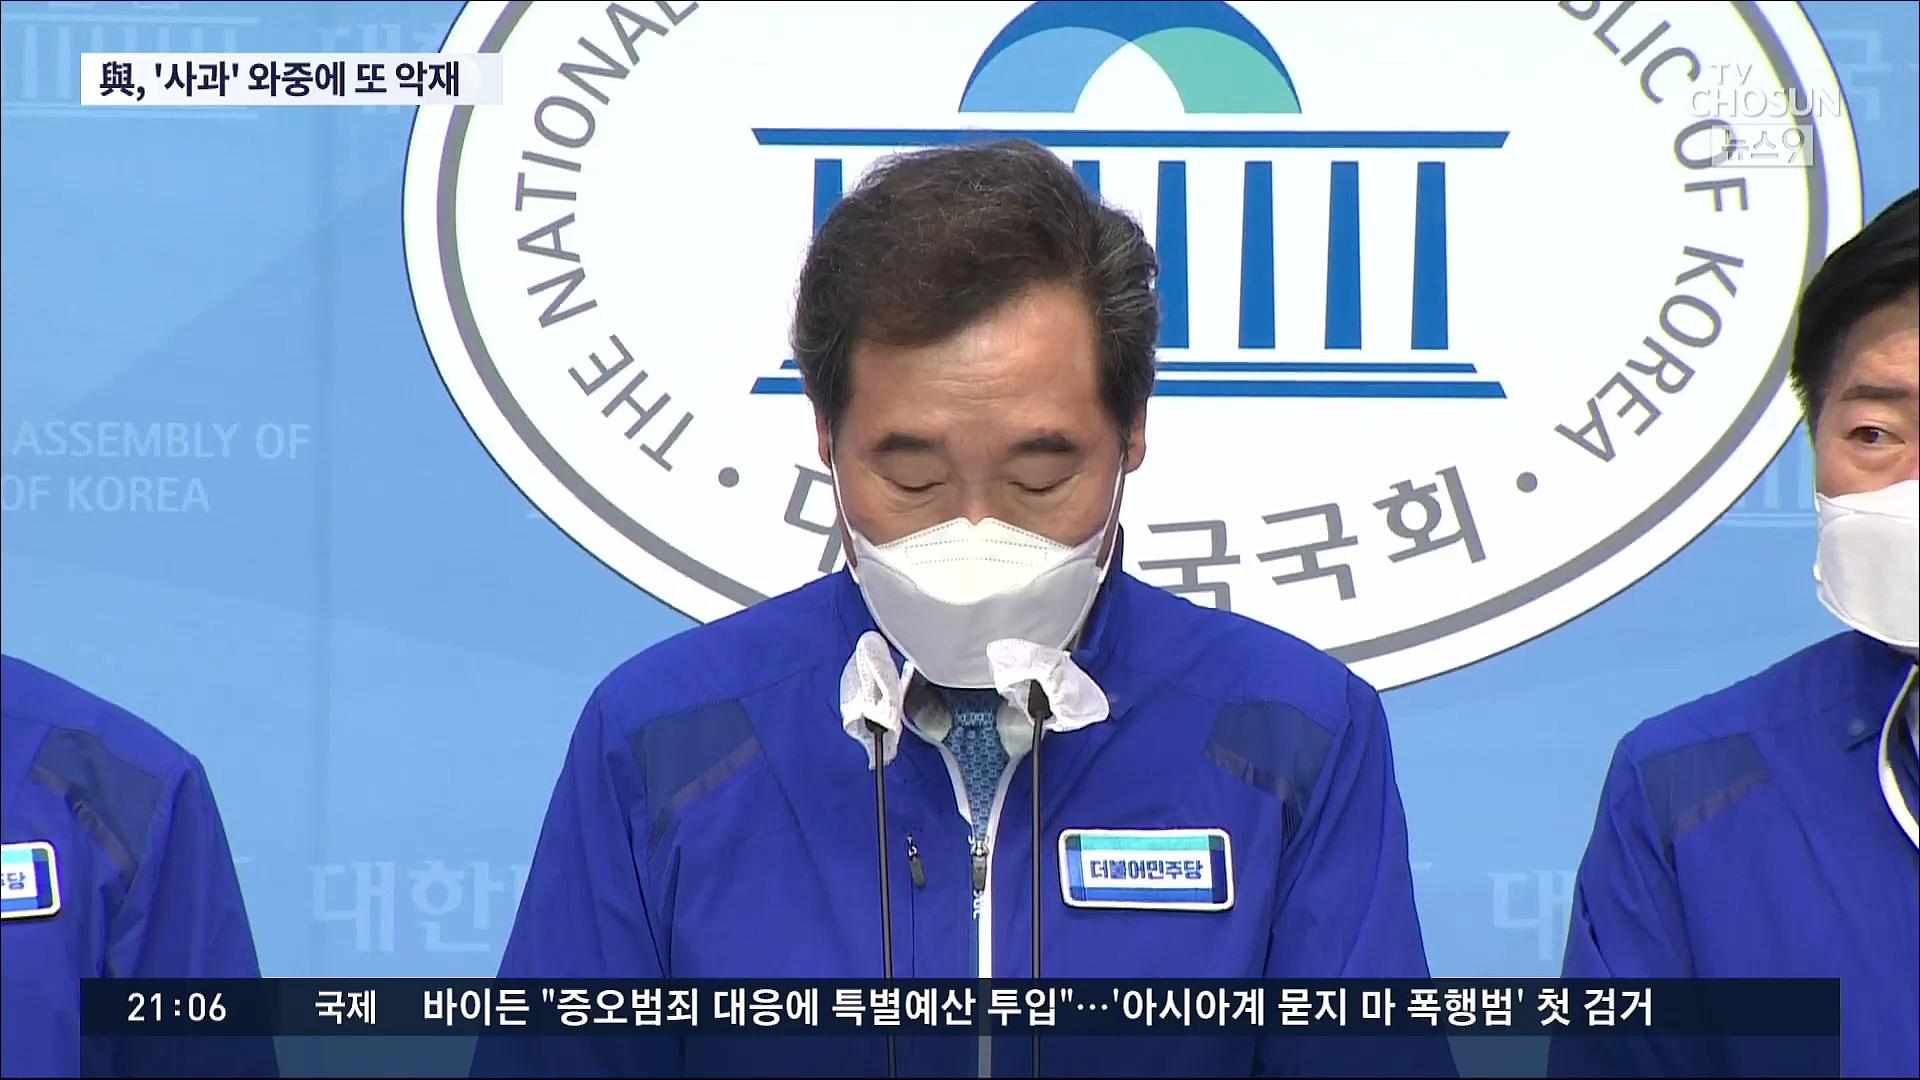 김상조 이어 박주민까지…與 '부동산 사과' 와중 또 악재